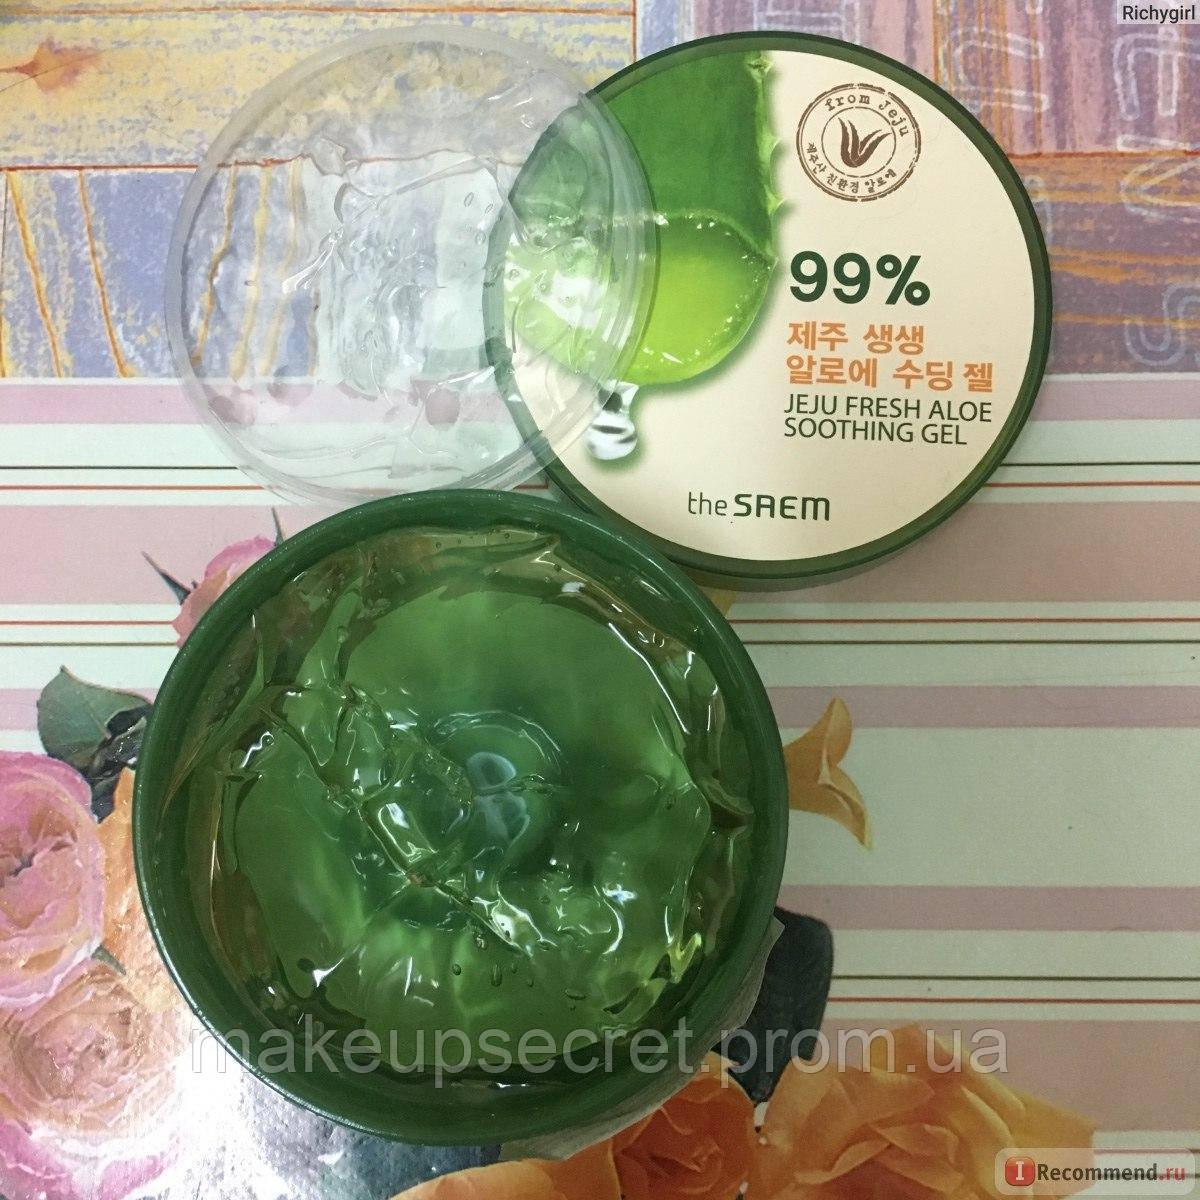 99 The Saem Jeju Shooting Gel Fresh Aloe